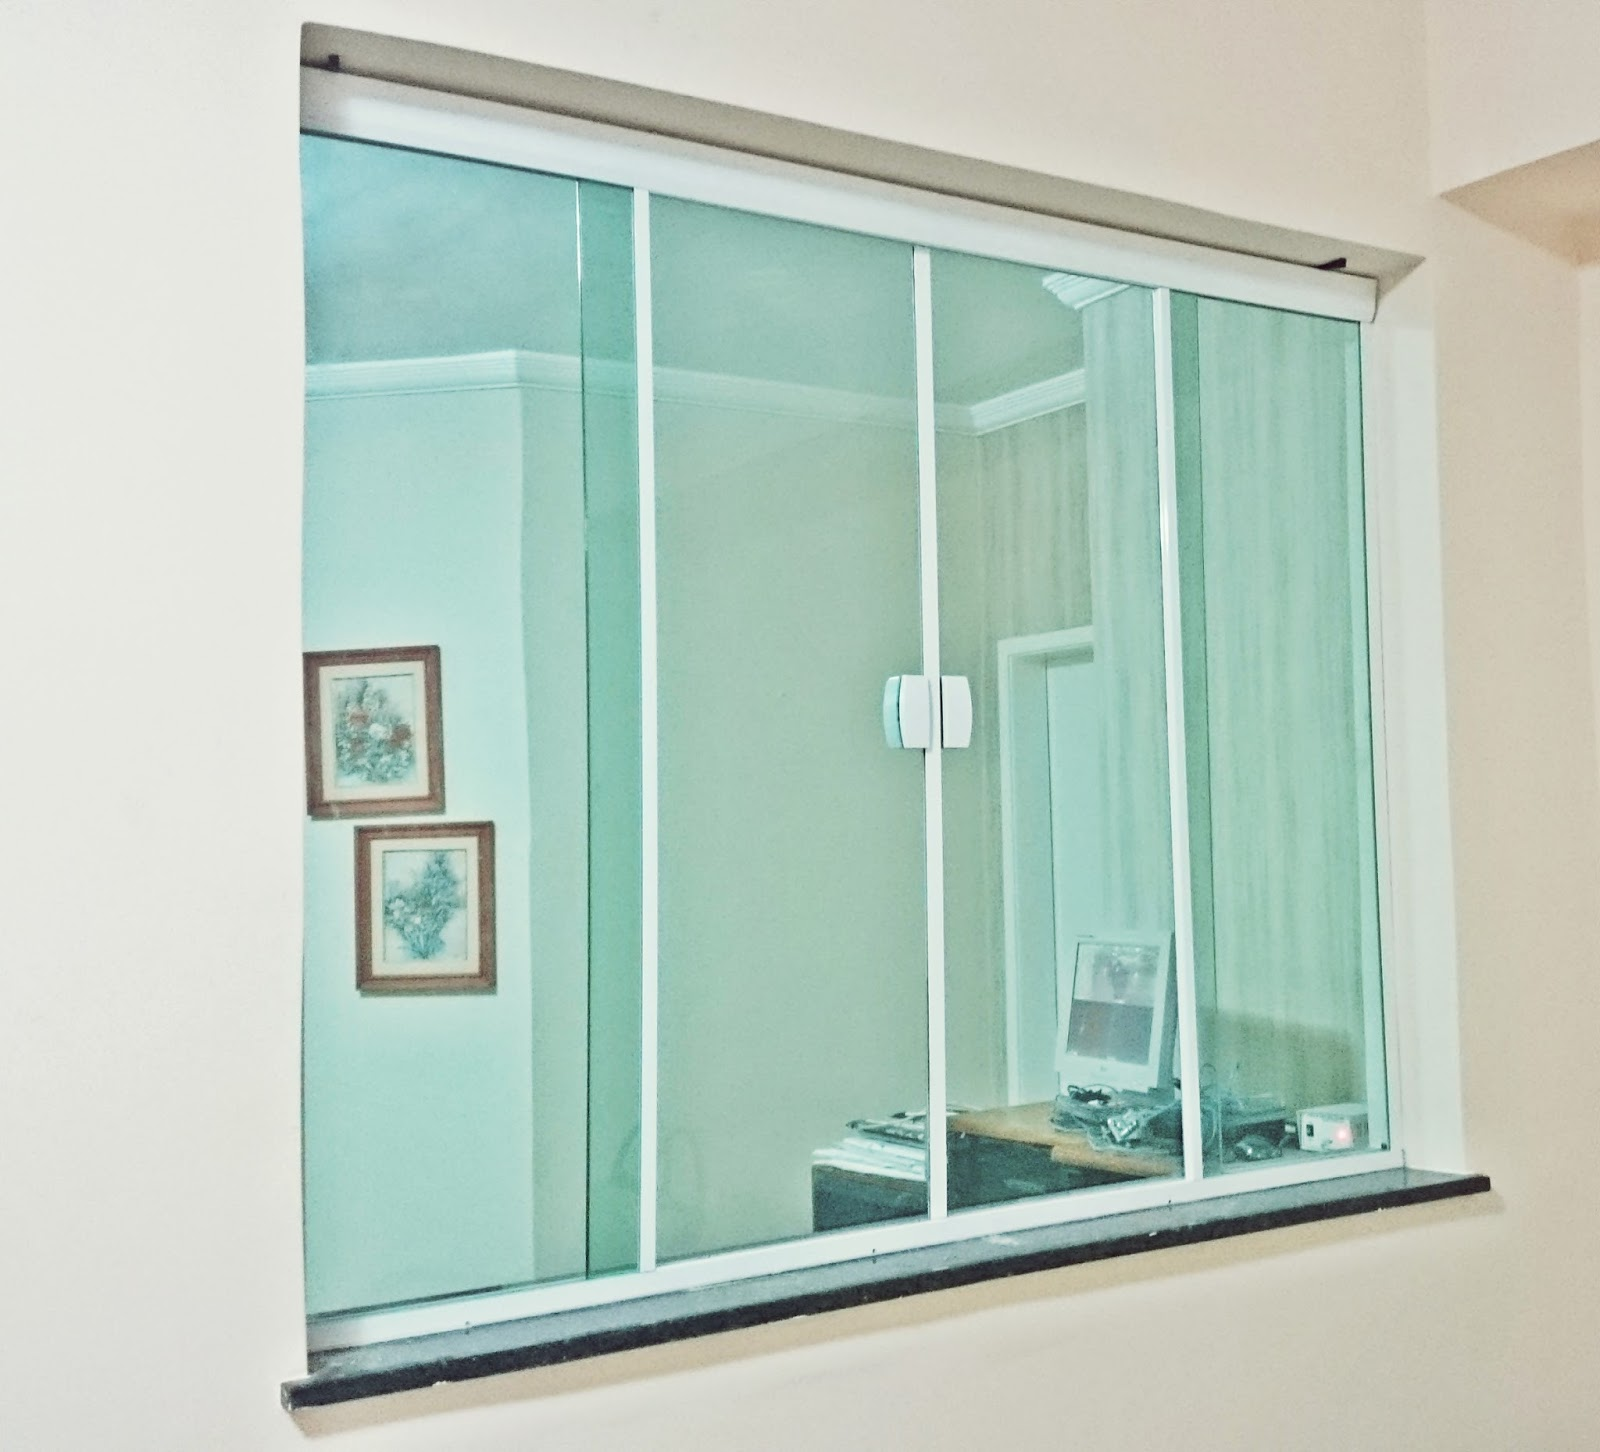 #4B806F Inova Vidros: Janela Vidro Verde Temperado M2000 310 Janelas De Vidro Temperado Em Arco